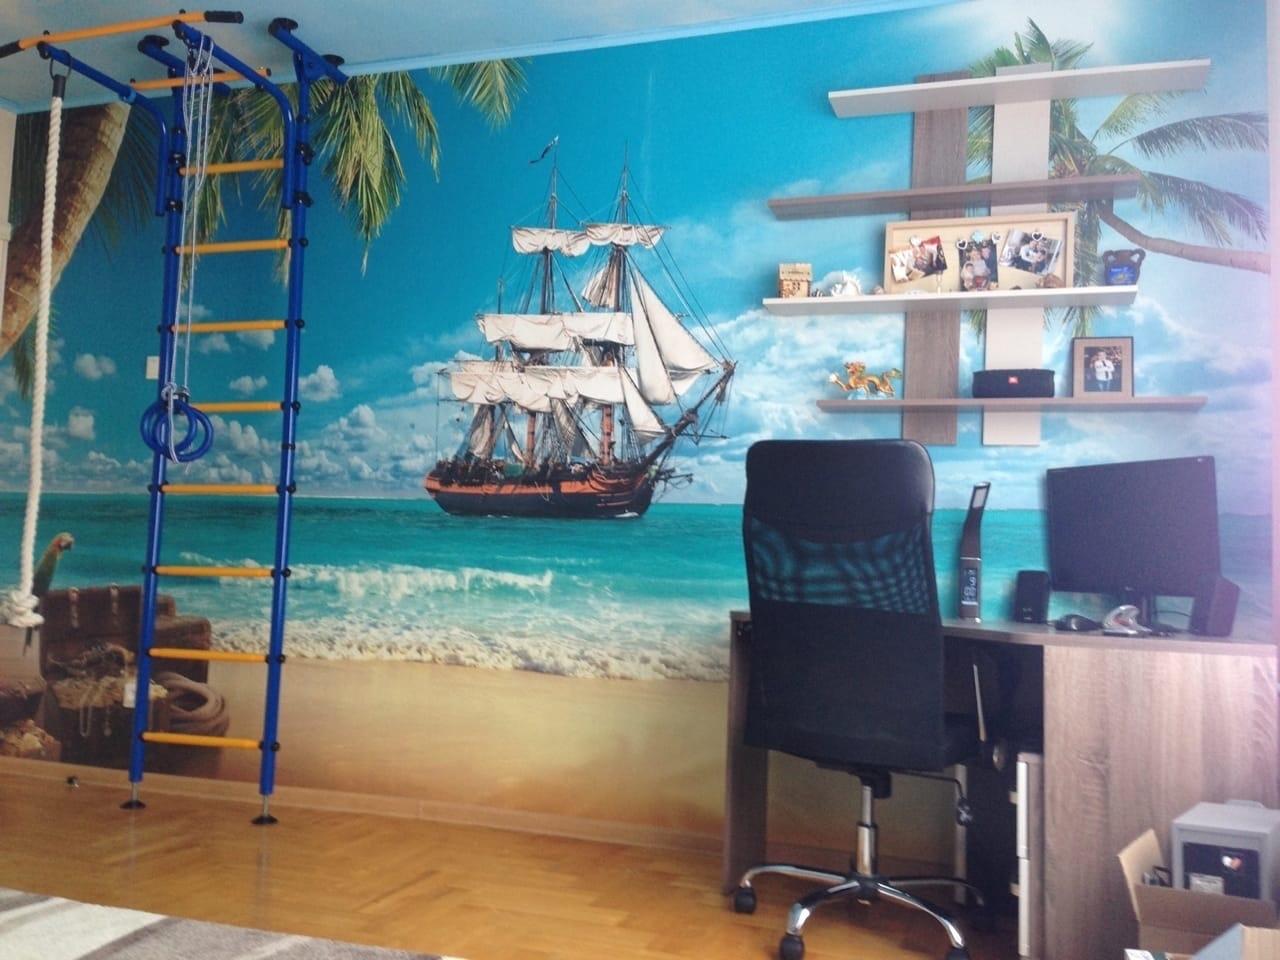 Сделали вот такую детскую комнату для двух кладоискателей